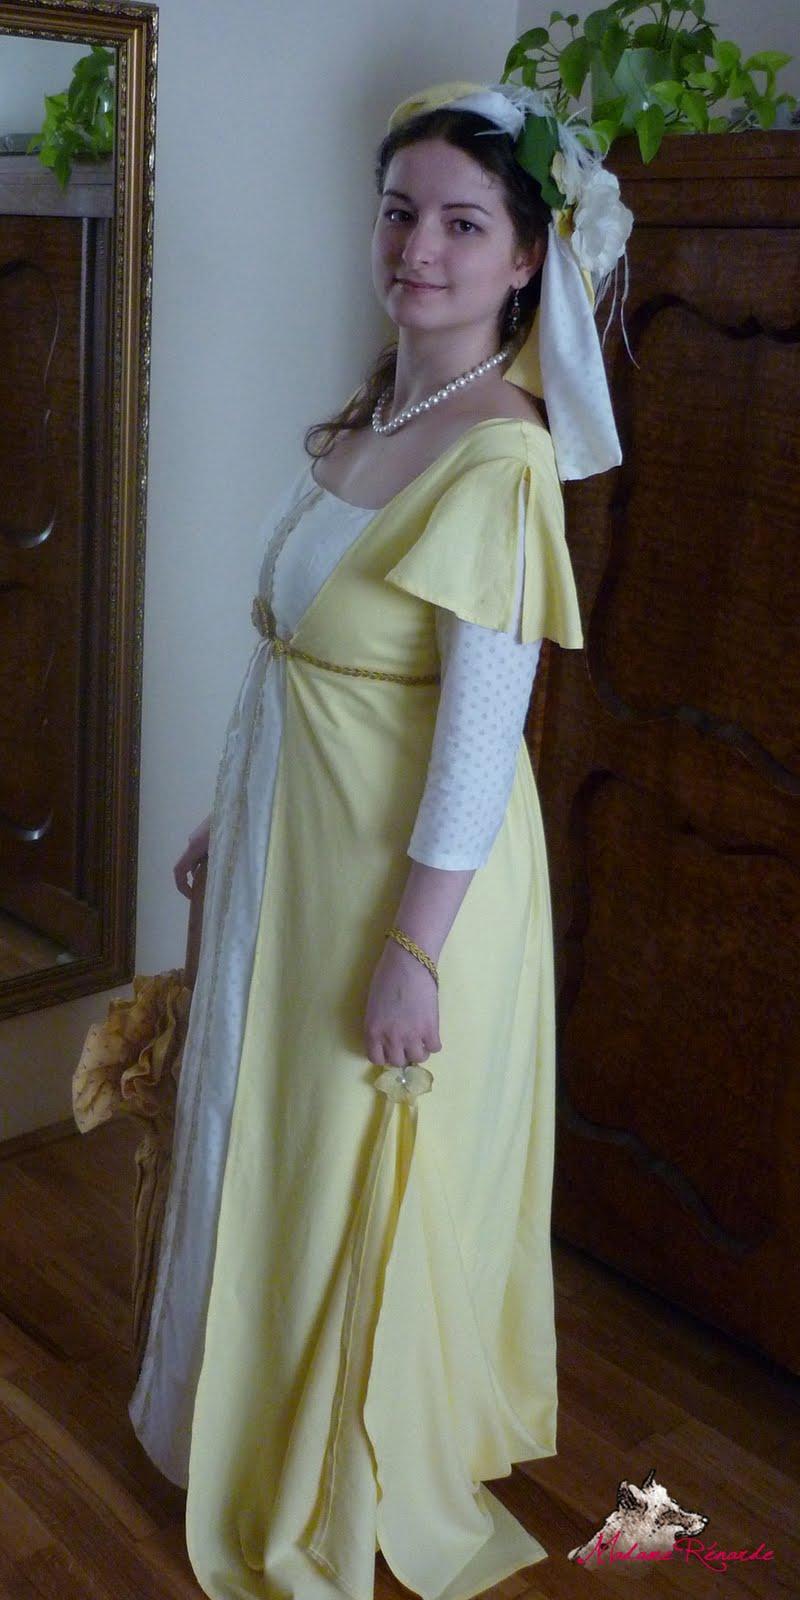 Madame Rénarde: Empire ruha - Regency gown